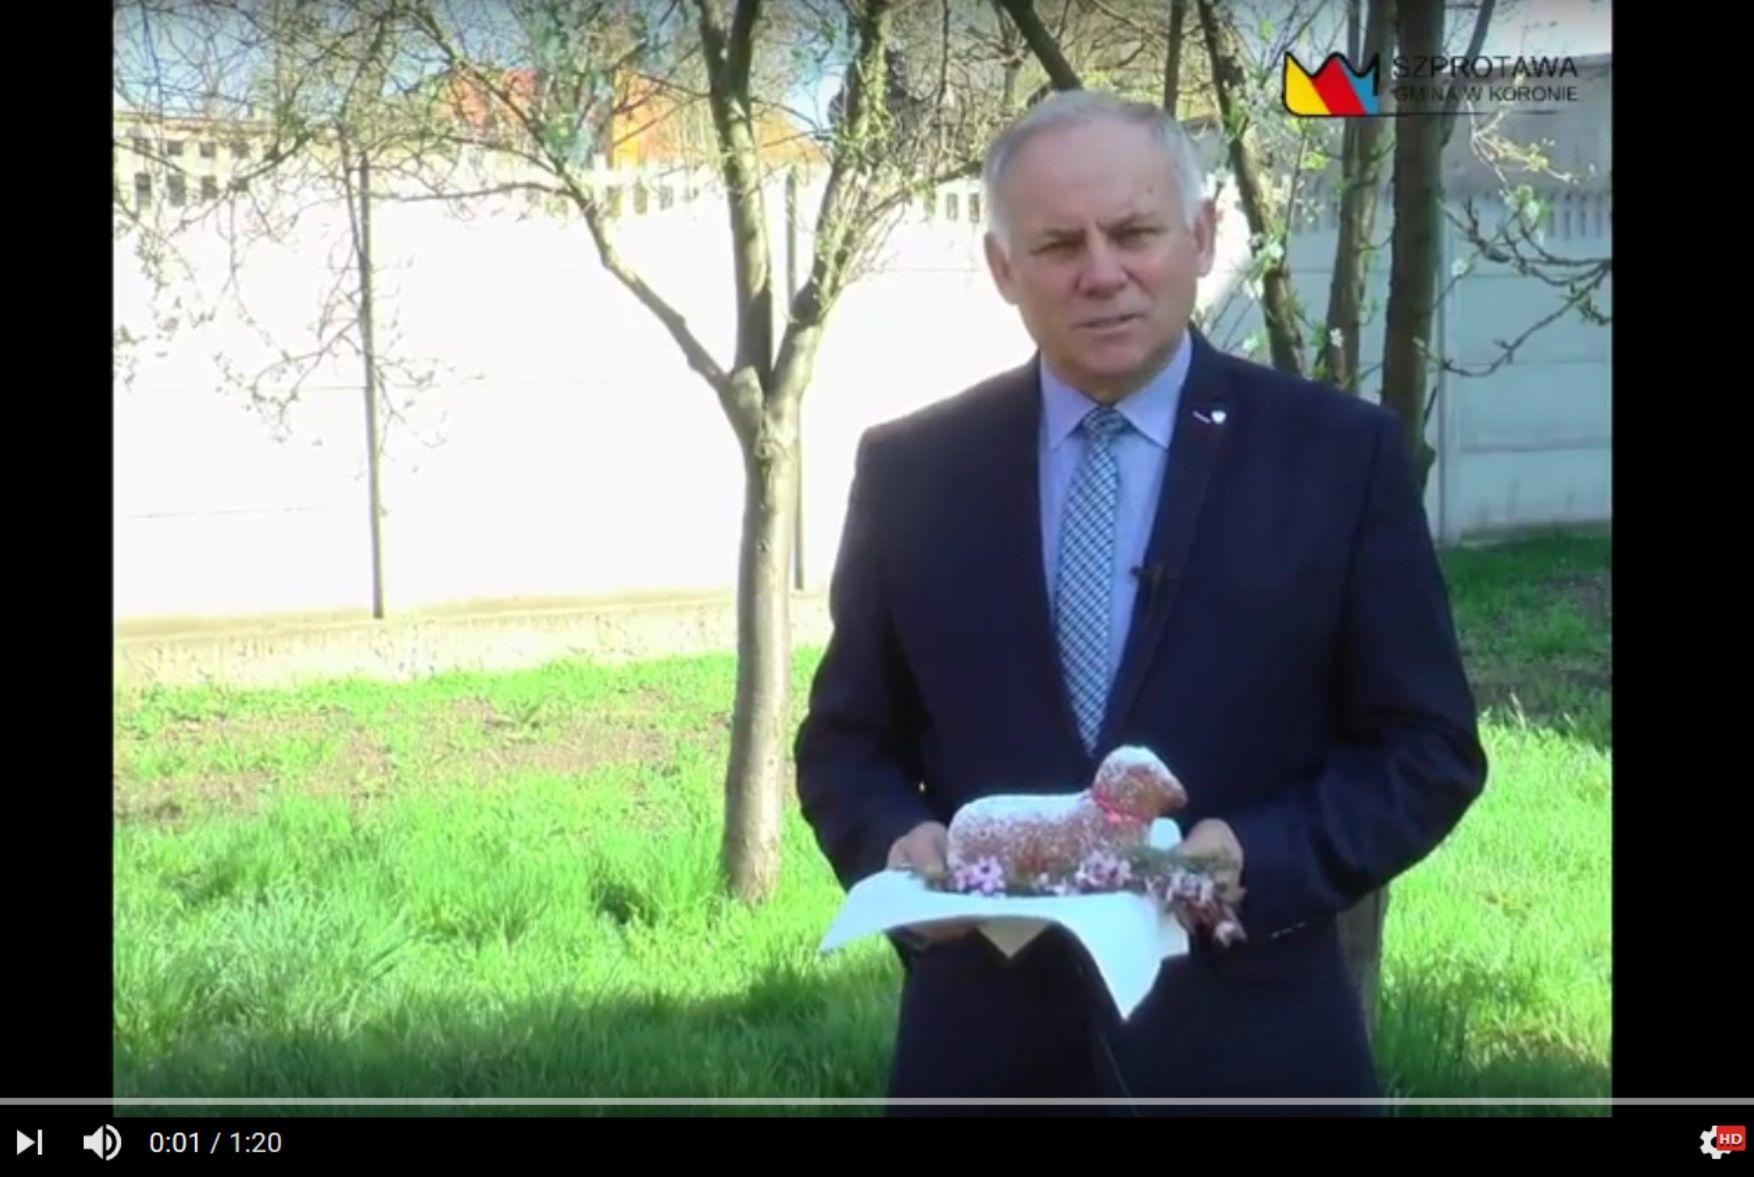 Ilustracja do informacji: Życzenia wielkanocne od Burmistrza Szprotawy.